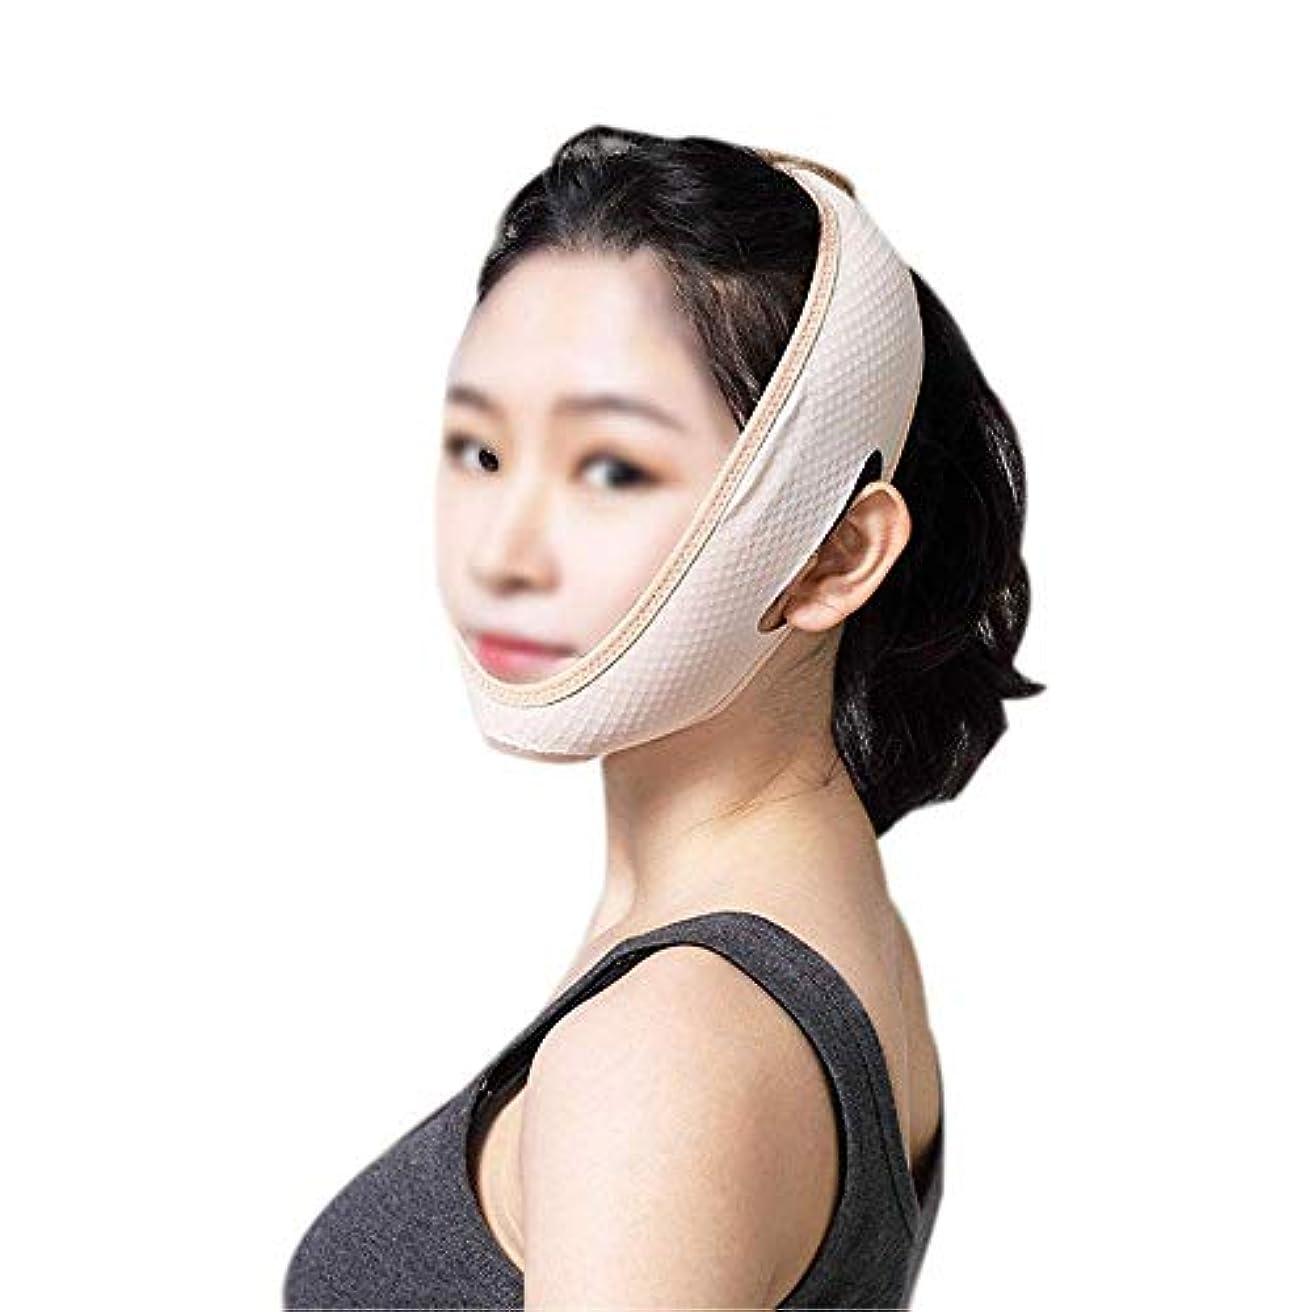 送ったダイヤル情熱的フェイスリフティングバンデージ、肌の引き締めを強化する薄いフェイスマスクの睡眠、ダブルチンマスクの削減